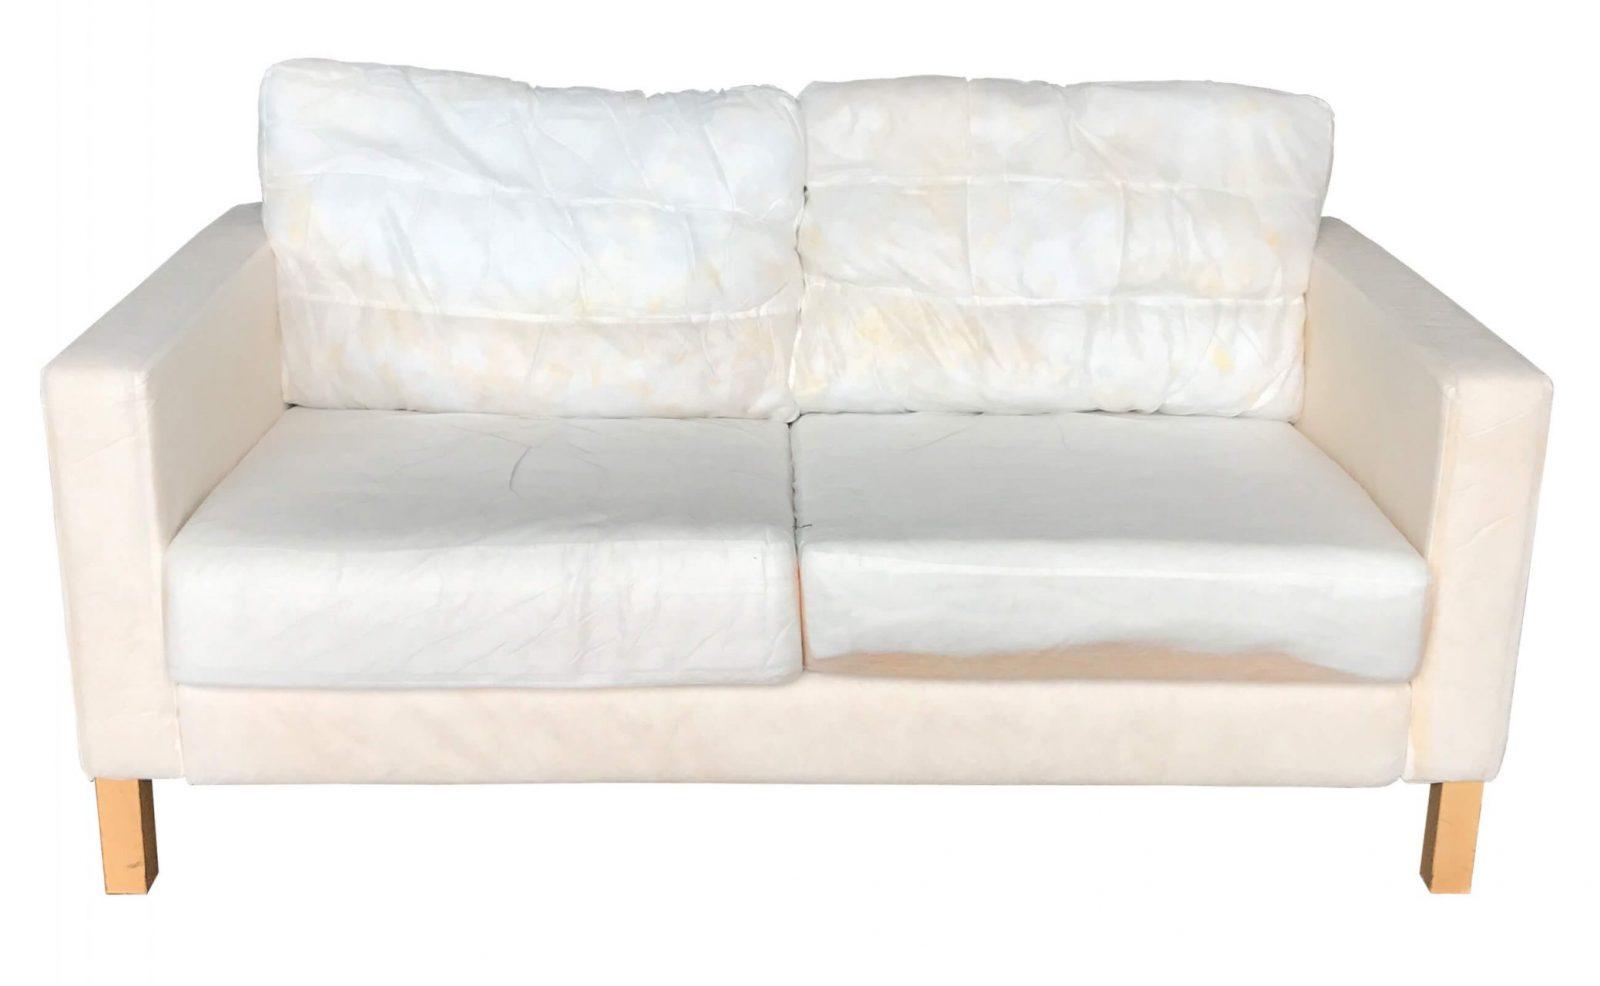 Ikea Karlstad 2Er Sofagestell Ohne Bezug 3011813530118135 von Ikea Stühle Mit Armlehne Photo